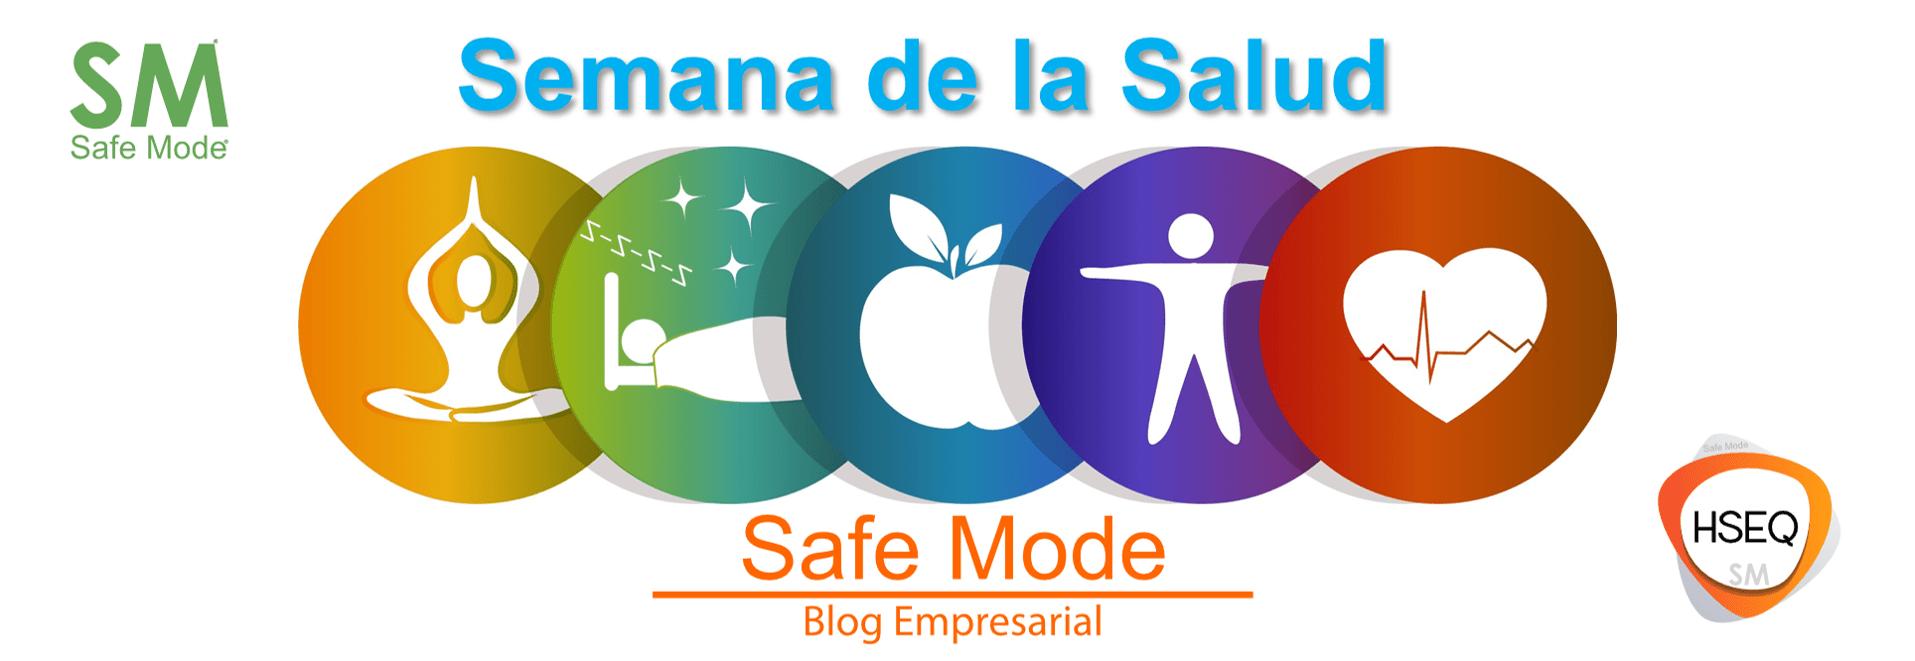 Semana de la salud en las empresas - Safe Mode